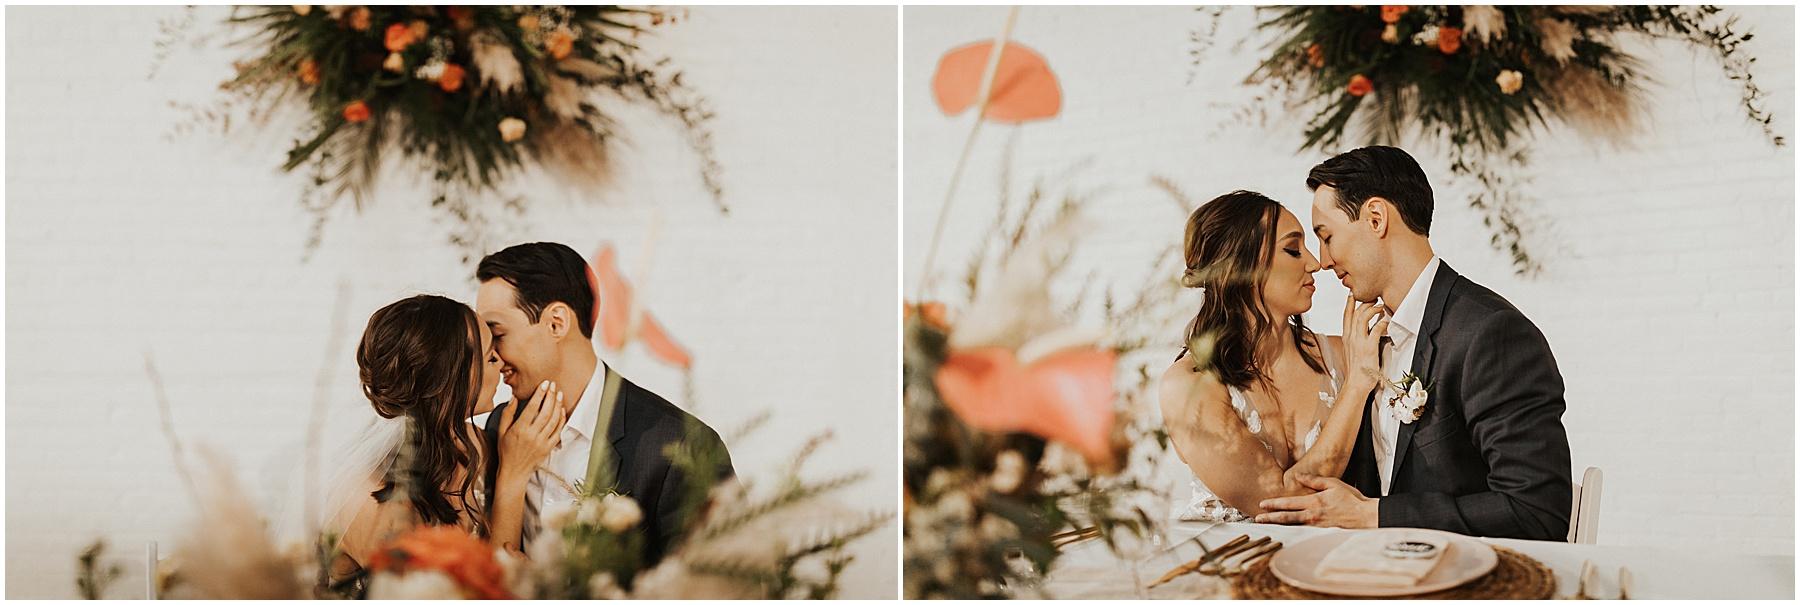 Tropical inspired boho wedding cleveland ohio the madison venue winter wedding_0140.jpg